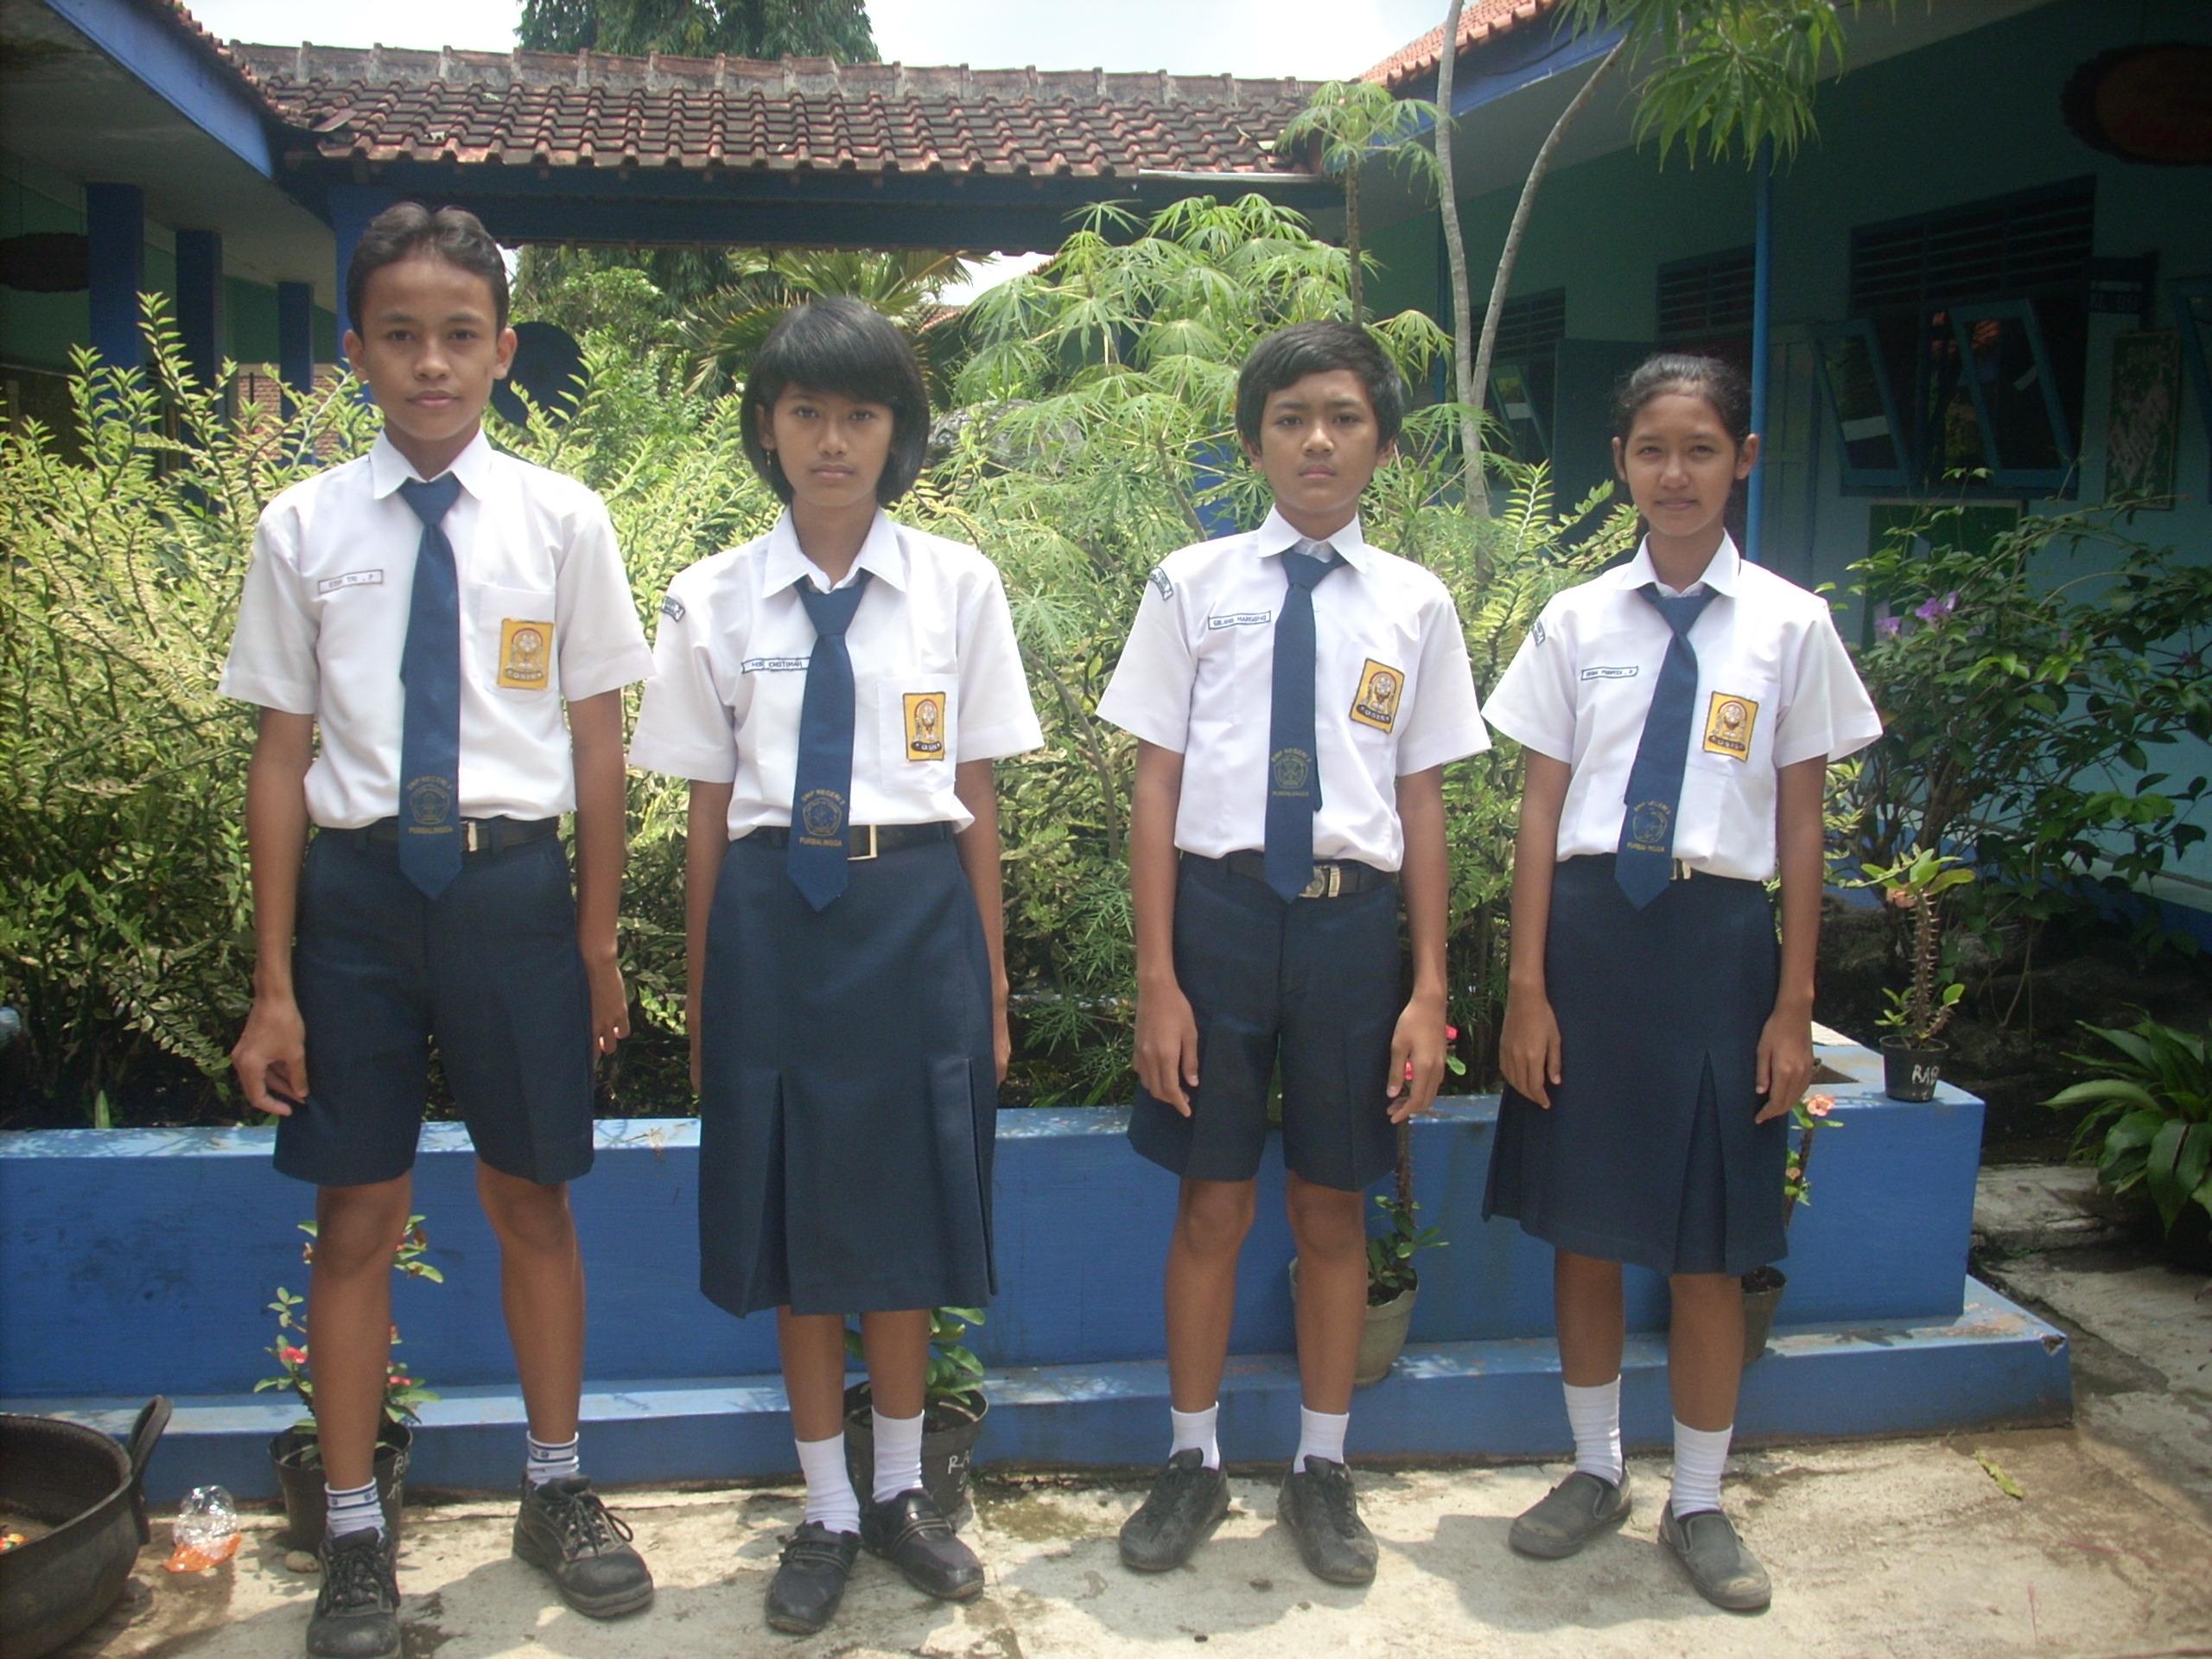 Siswa SMP Sudah Seharusnya Bercelana Panjang | Catatanku2560